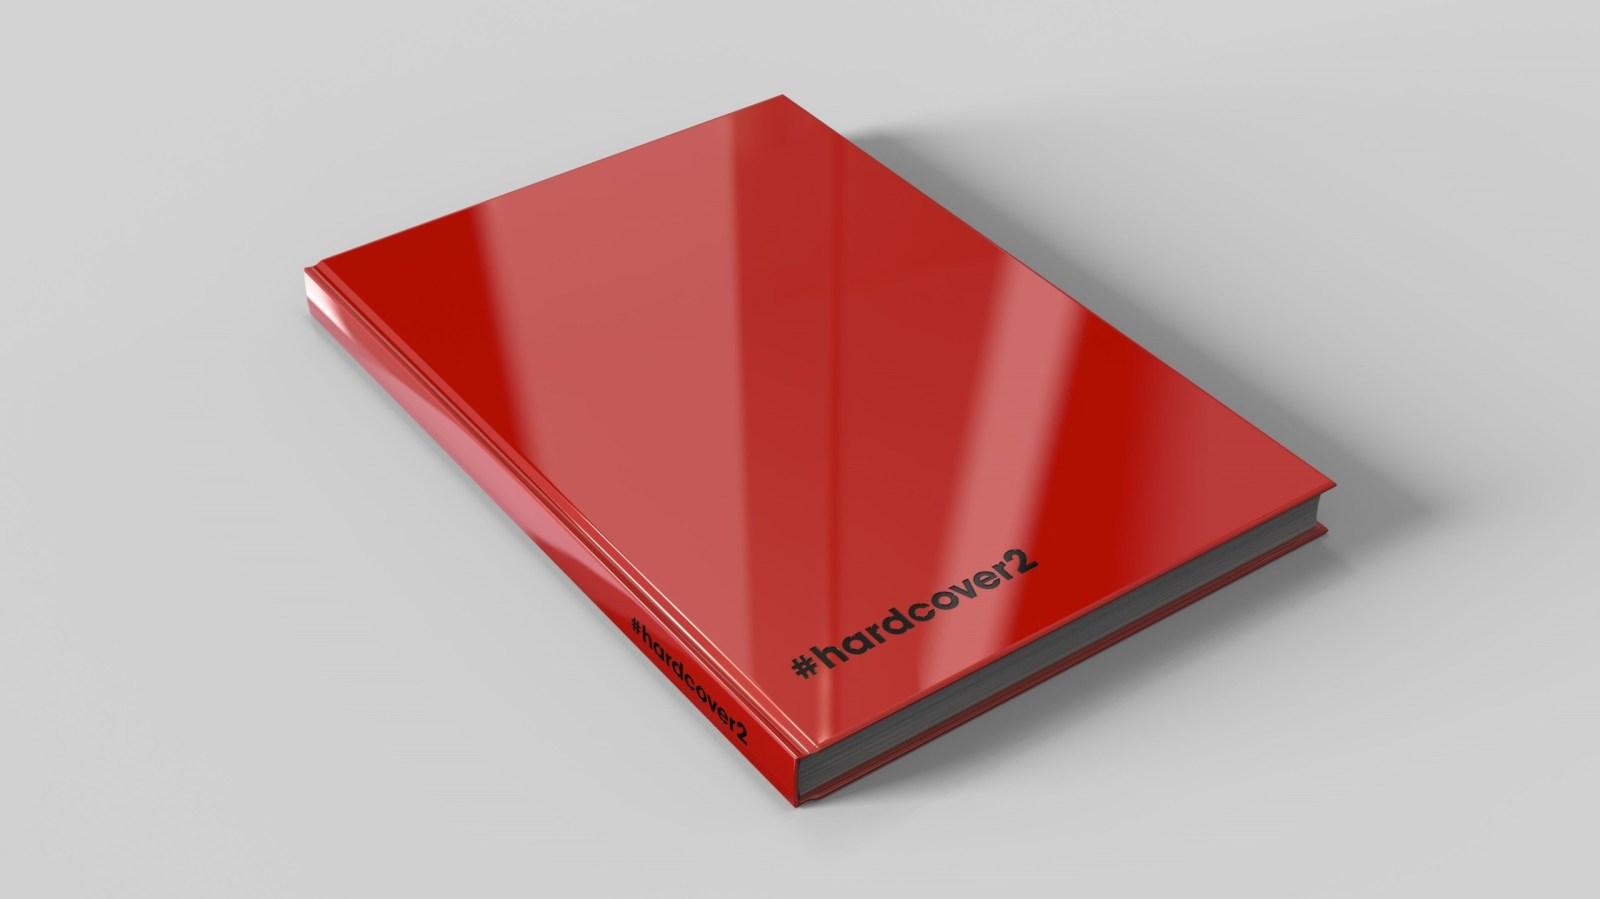 Couverture de l'artbook érotique Hardcover.